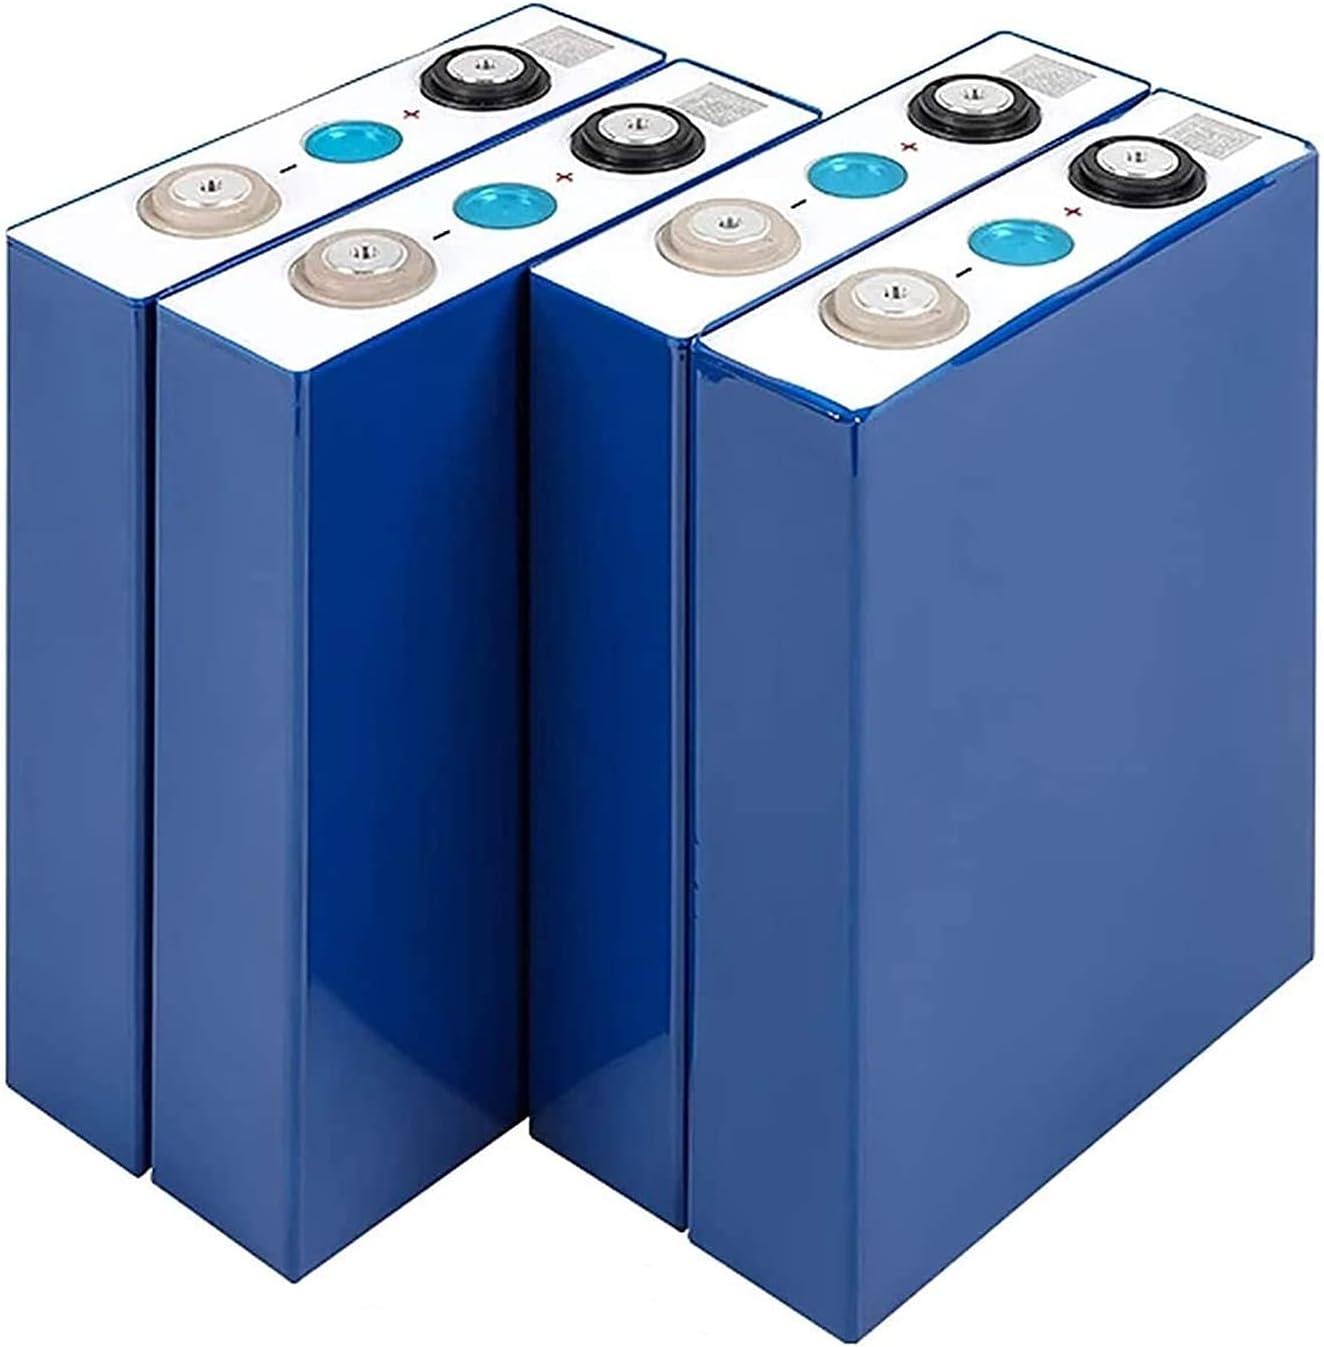 ASD321 Grado A 4 Piezas 100Ah 3.2V LIFEPO4 Batería de Hierro de Litio Células fosfato 12V 24V 48V Baterías for Solar EV RV Pack